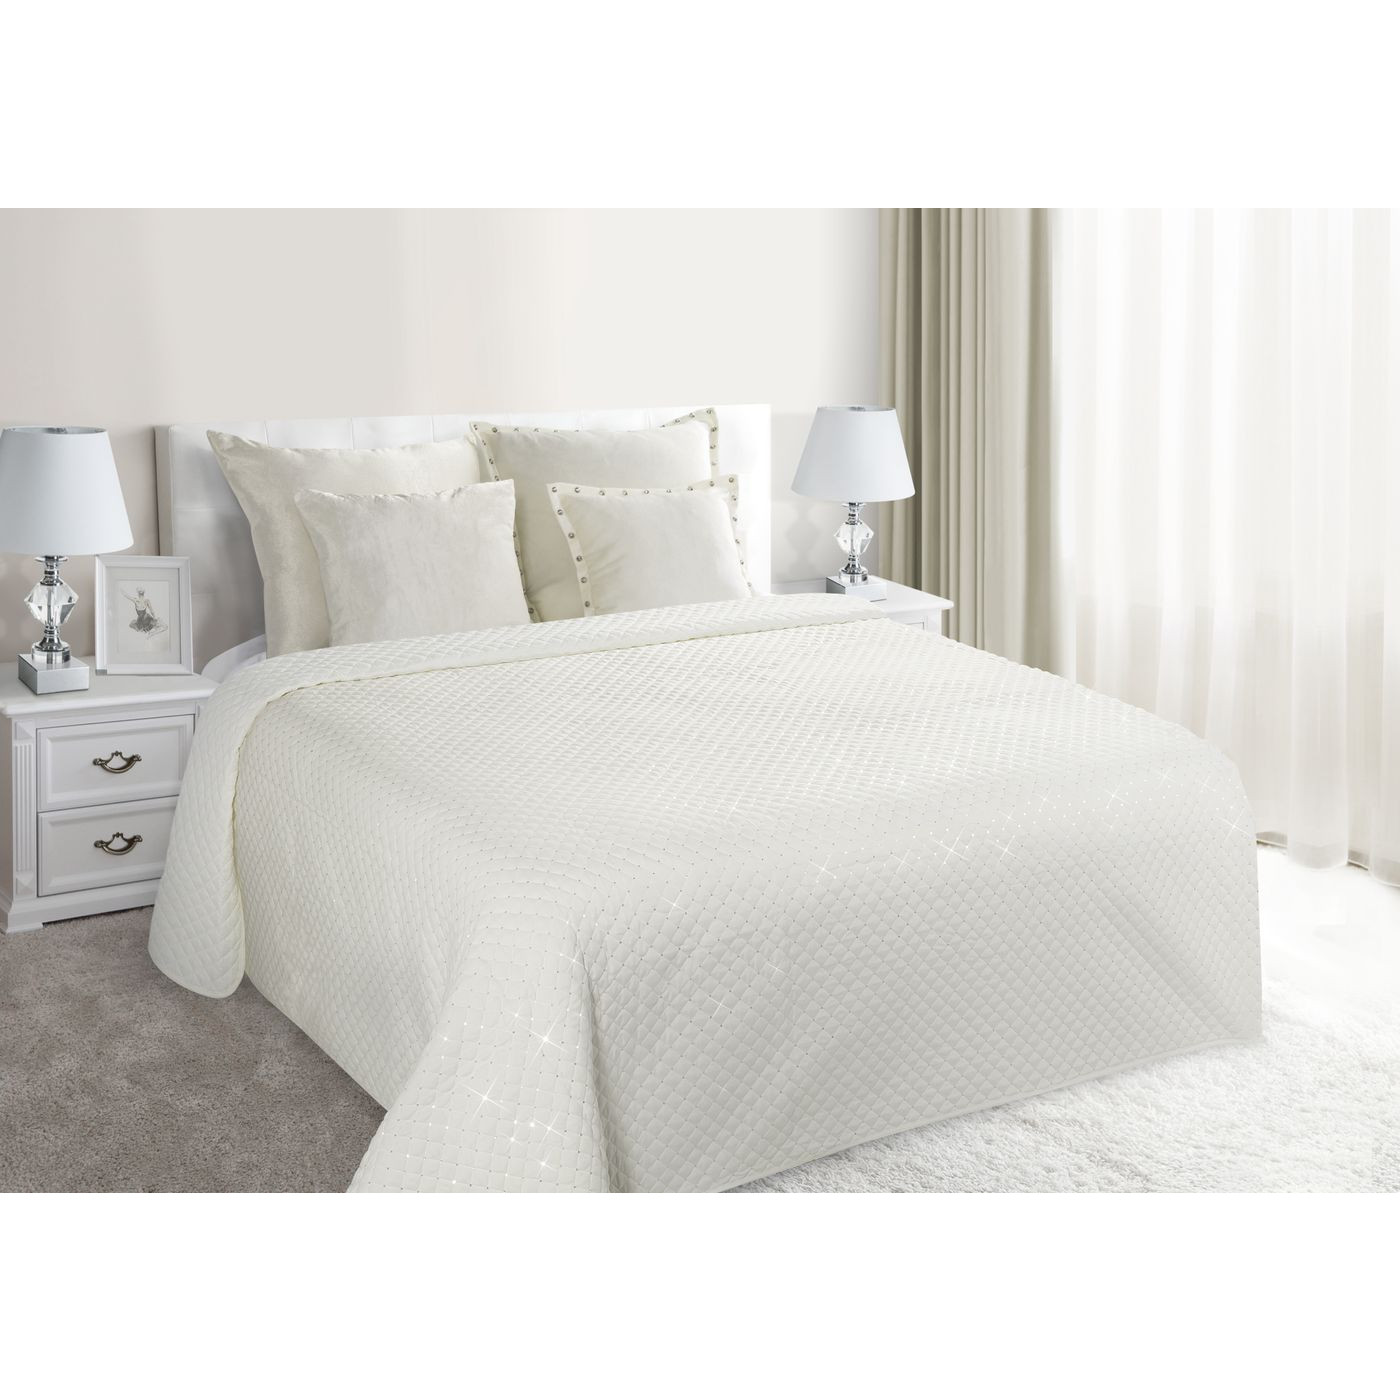 Narzuta na łóżko miękka zdobiona cekinami 170x210 cm kremowa